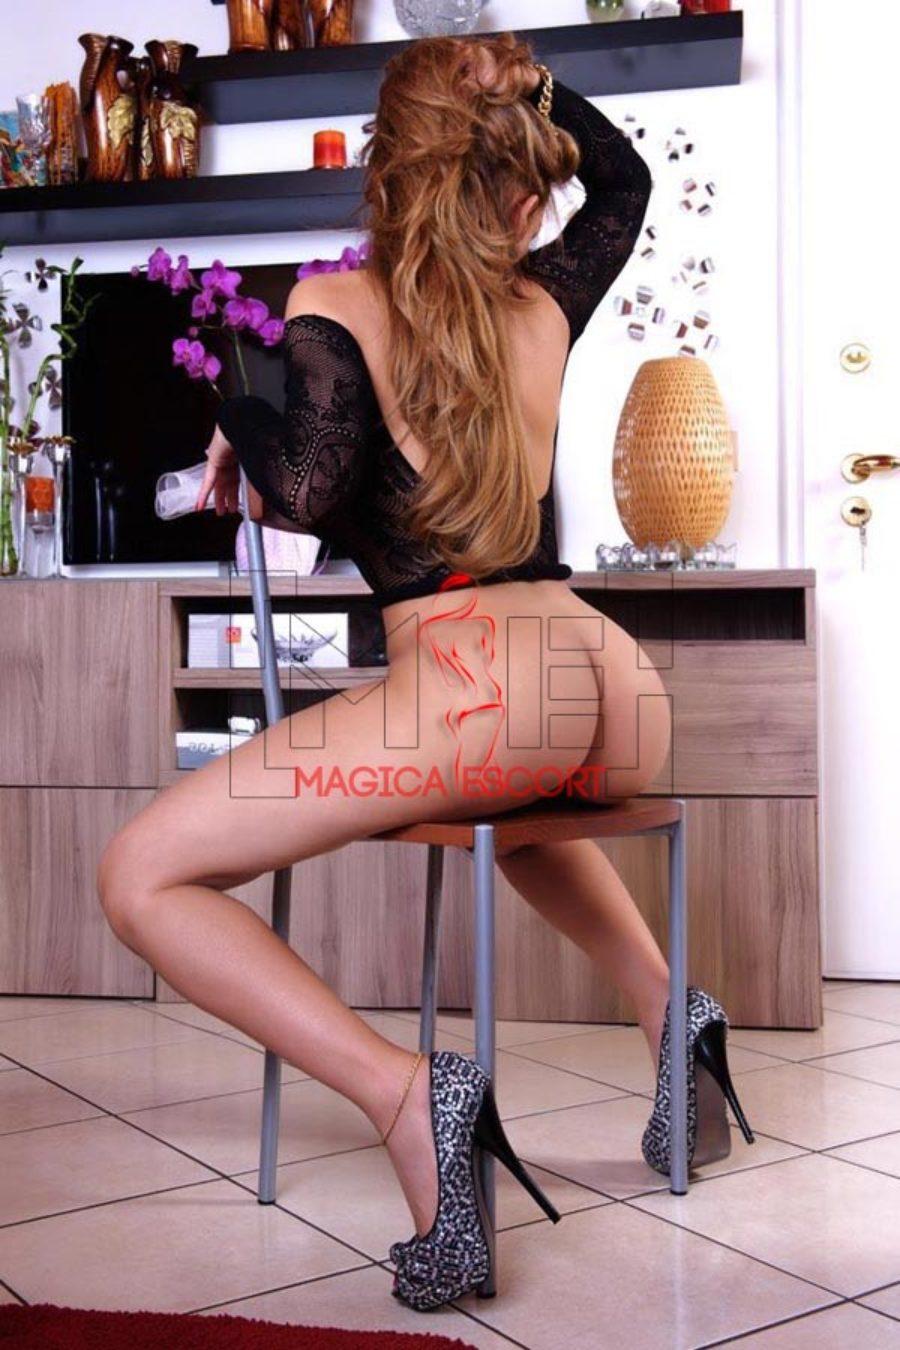 Karla escort Piacenza è nuda in una posa molto erotica sulla sedia di casa.